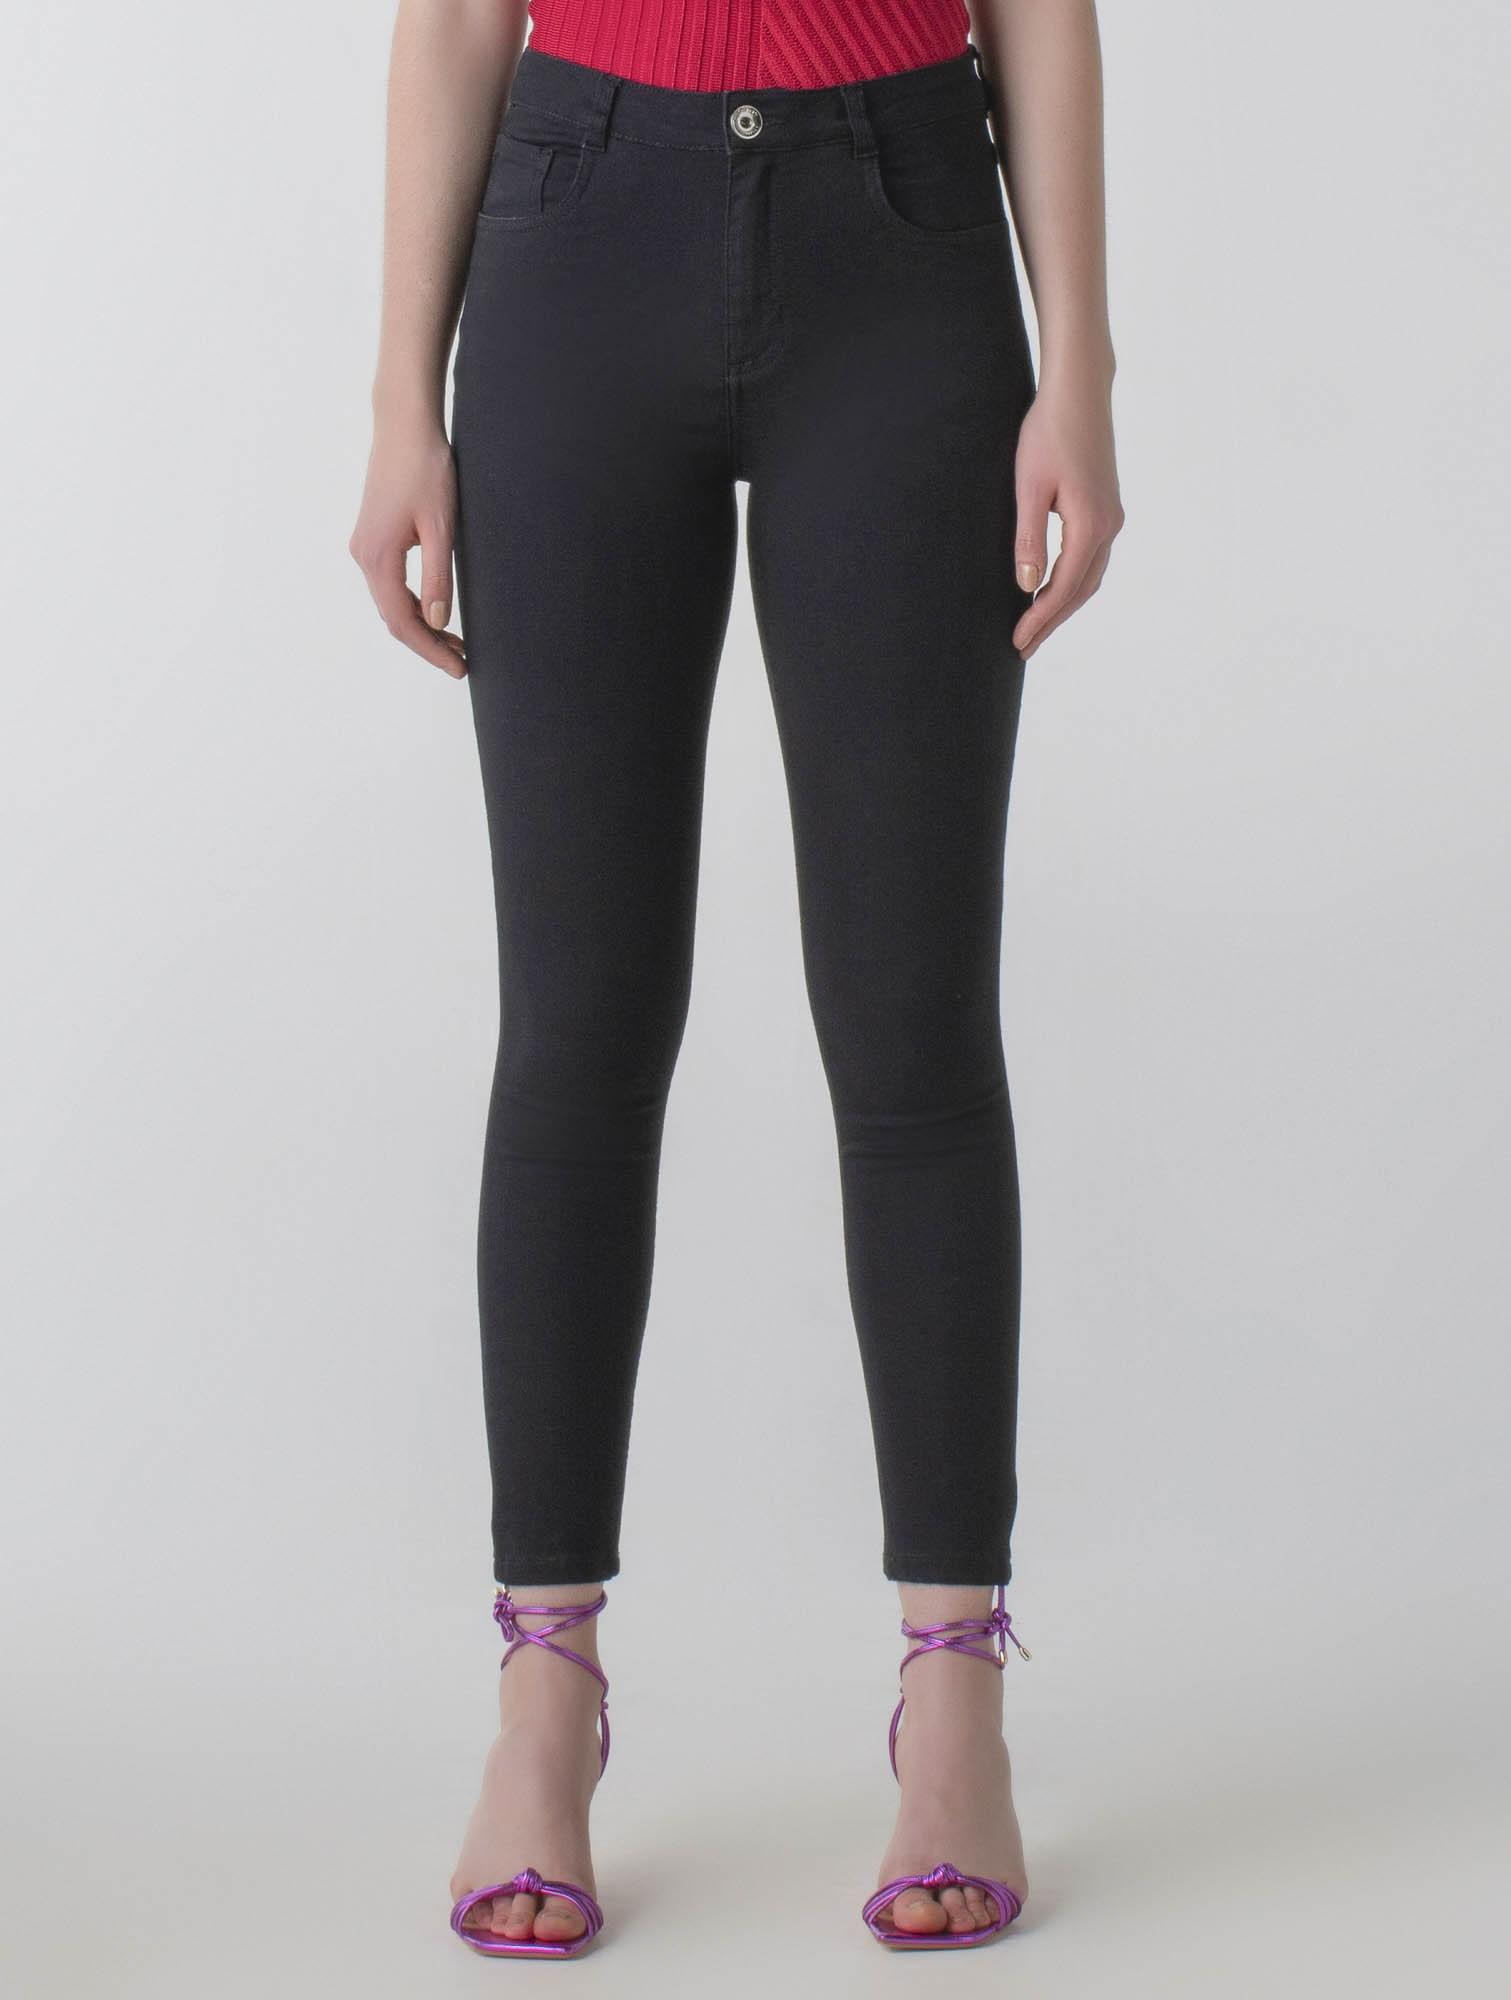 Calça sarja skinny black cós médio - Daily